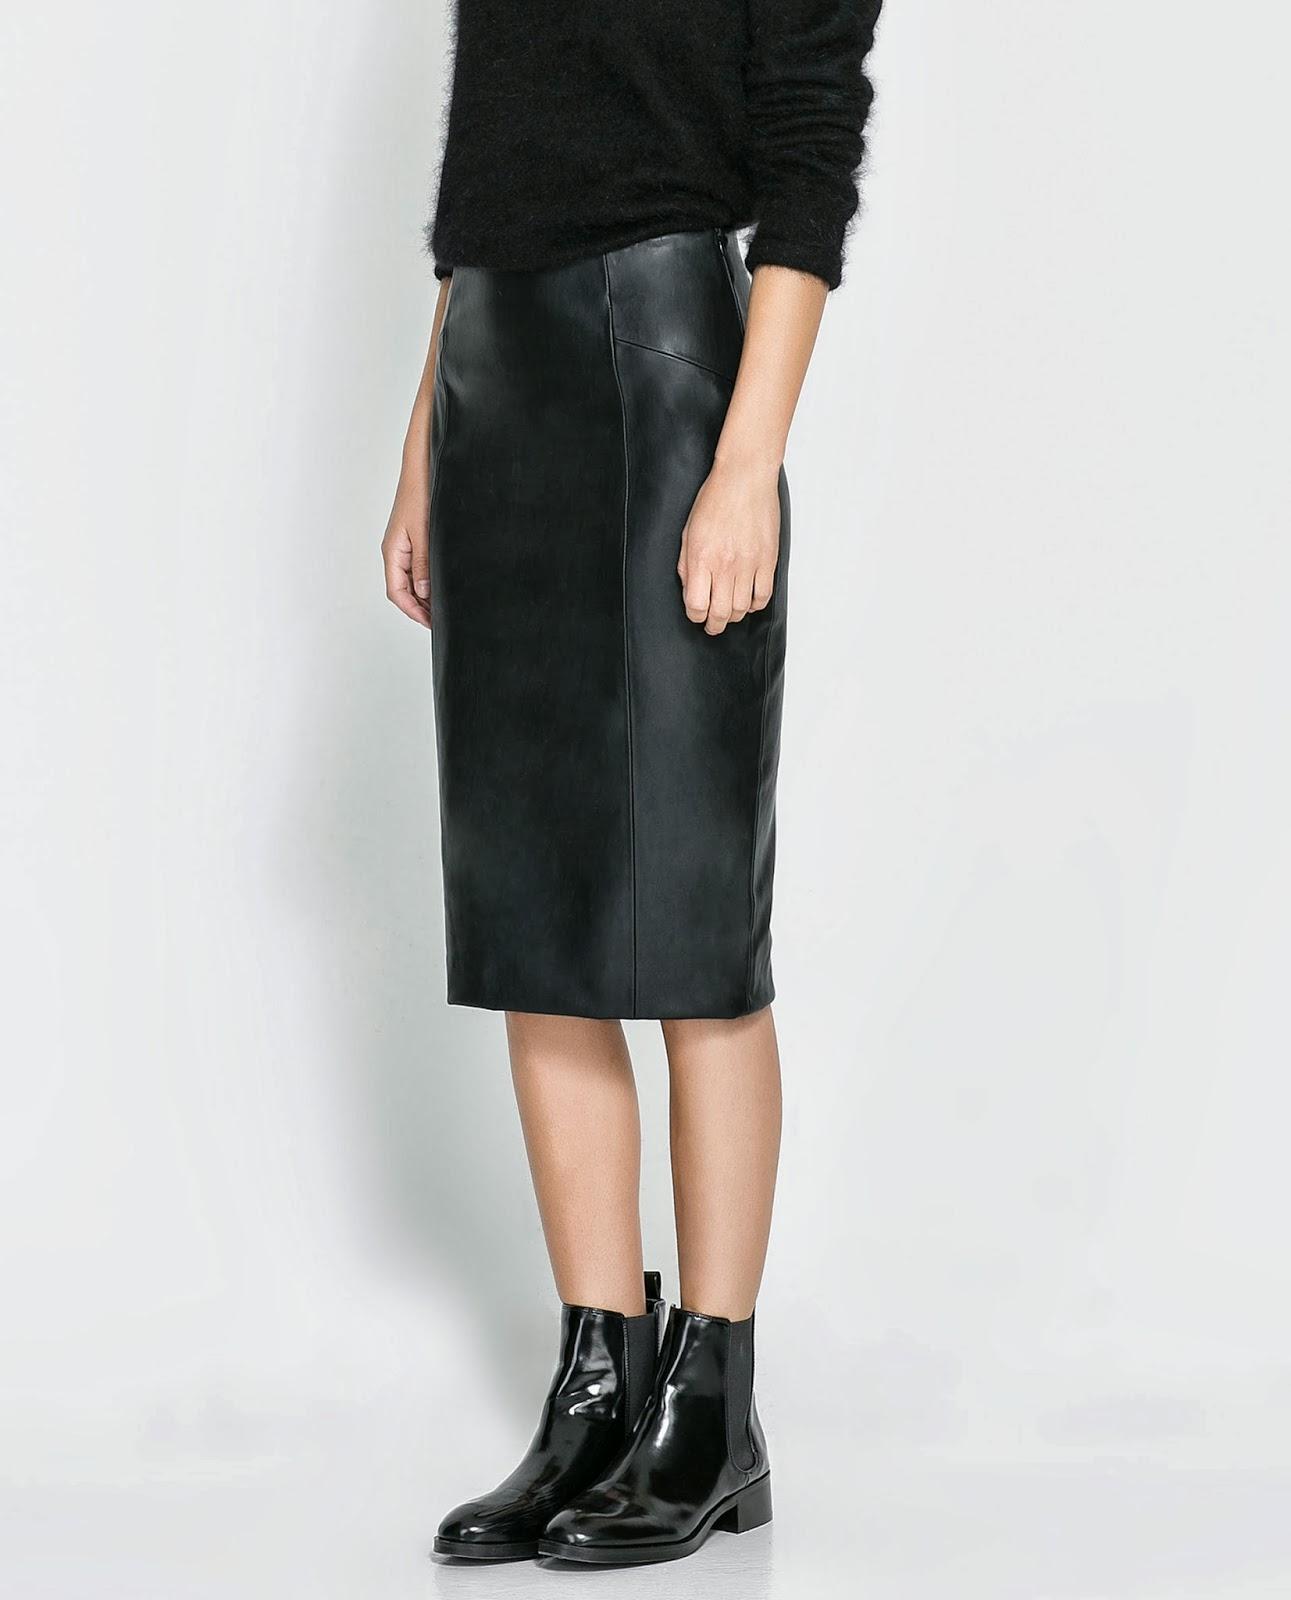 37563535a81e ModusLoudas: Кожаные юбки. Какие и где купить?